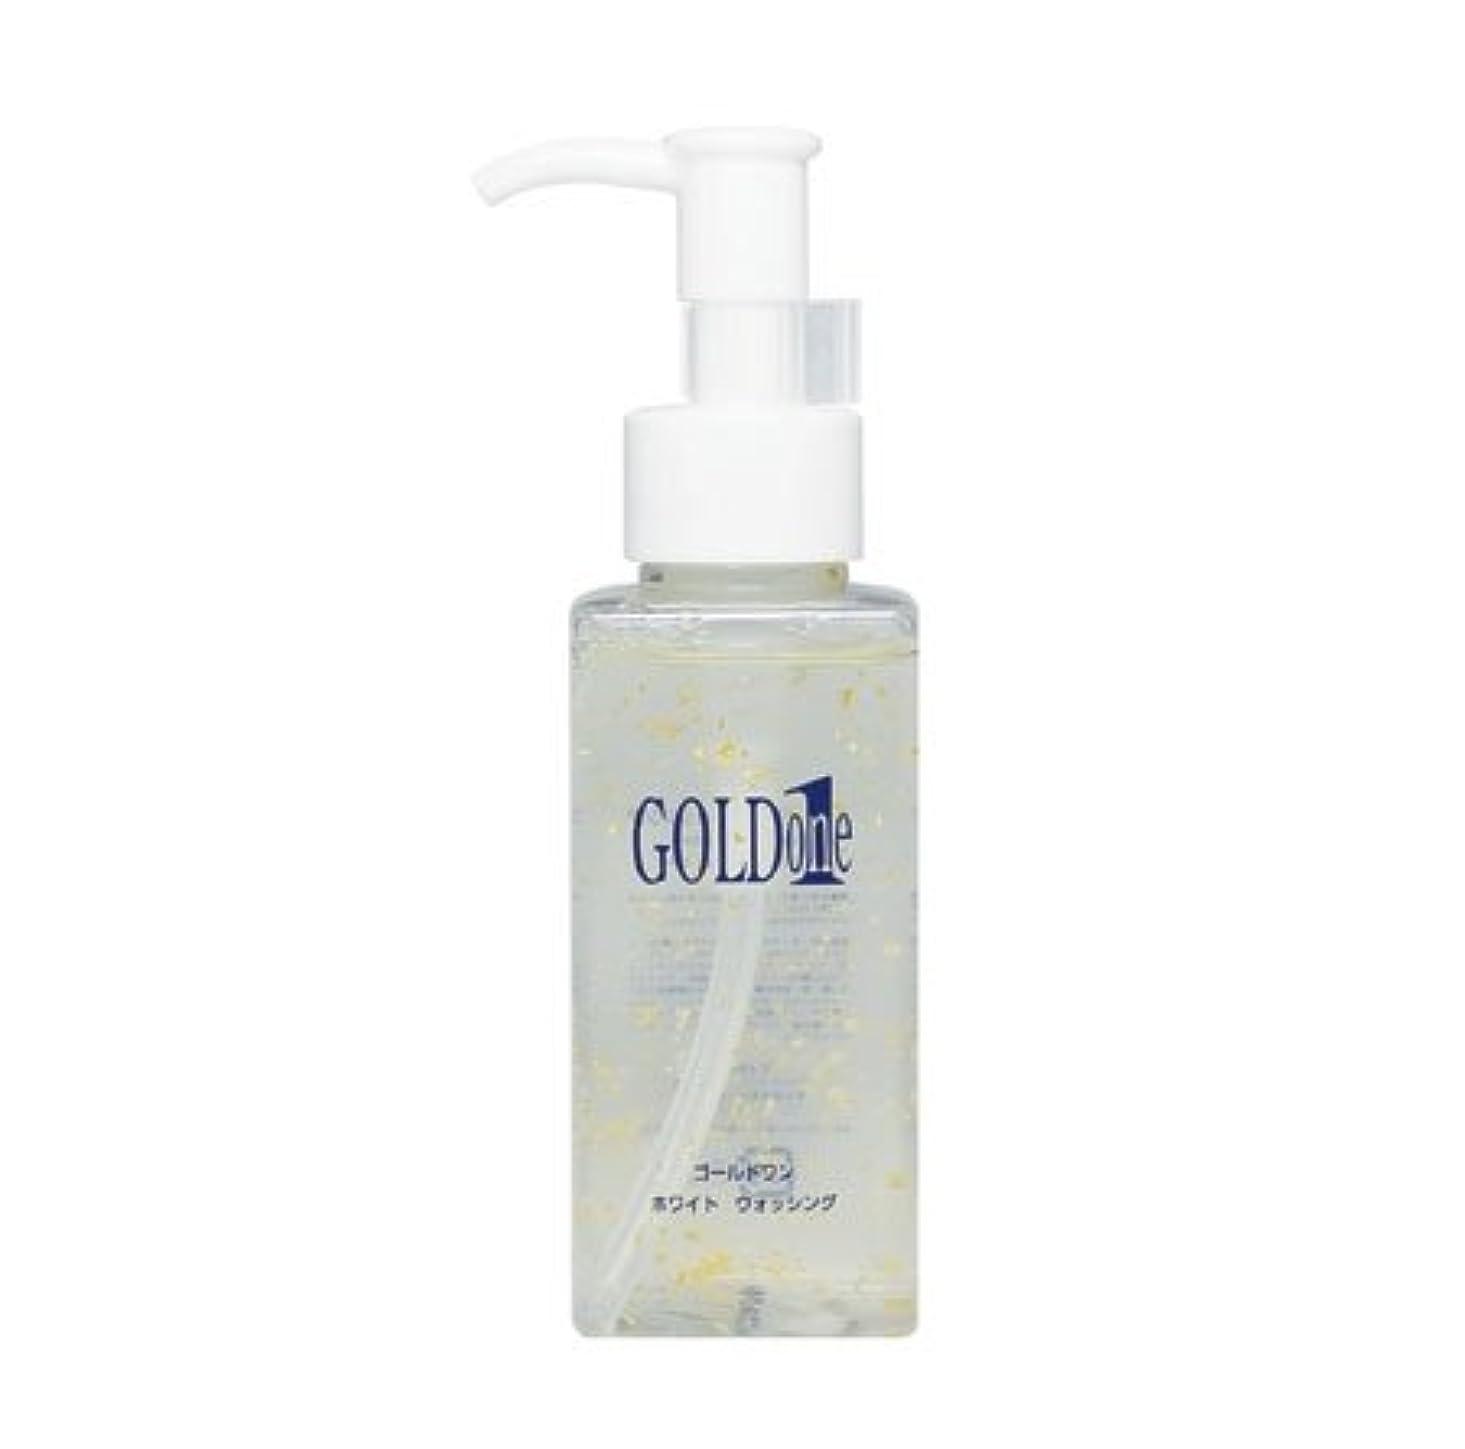 対人後ろ、背後、背面(部密度ゴールドコスメ ホワイトウォッシング 洗顔料 洗顔ローション 100ml